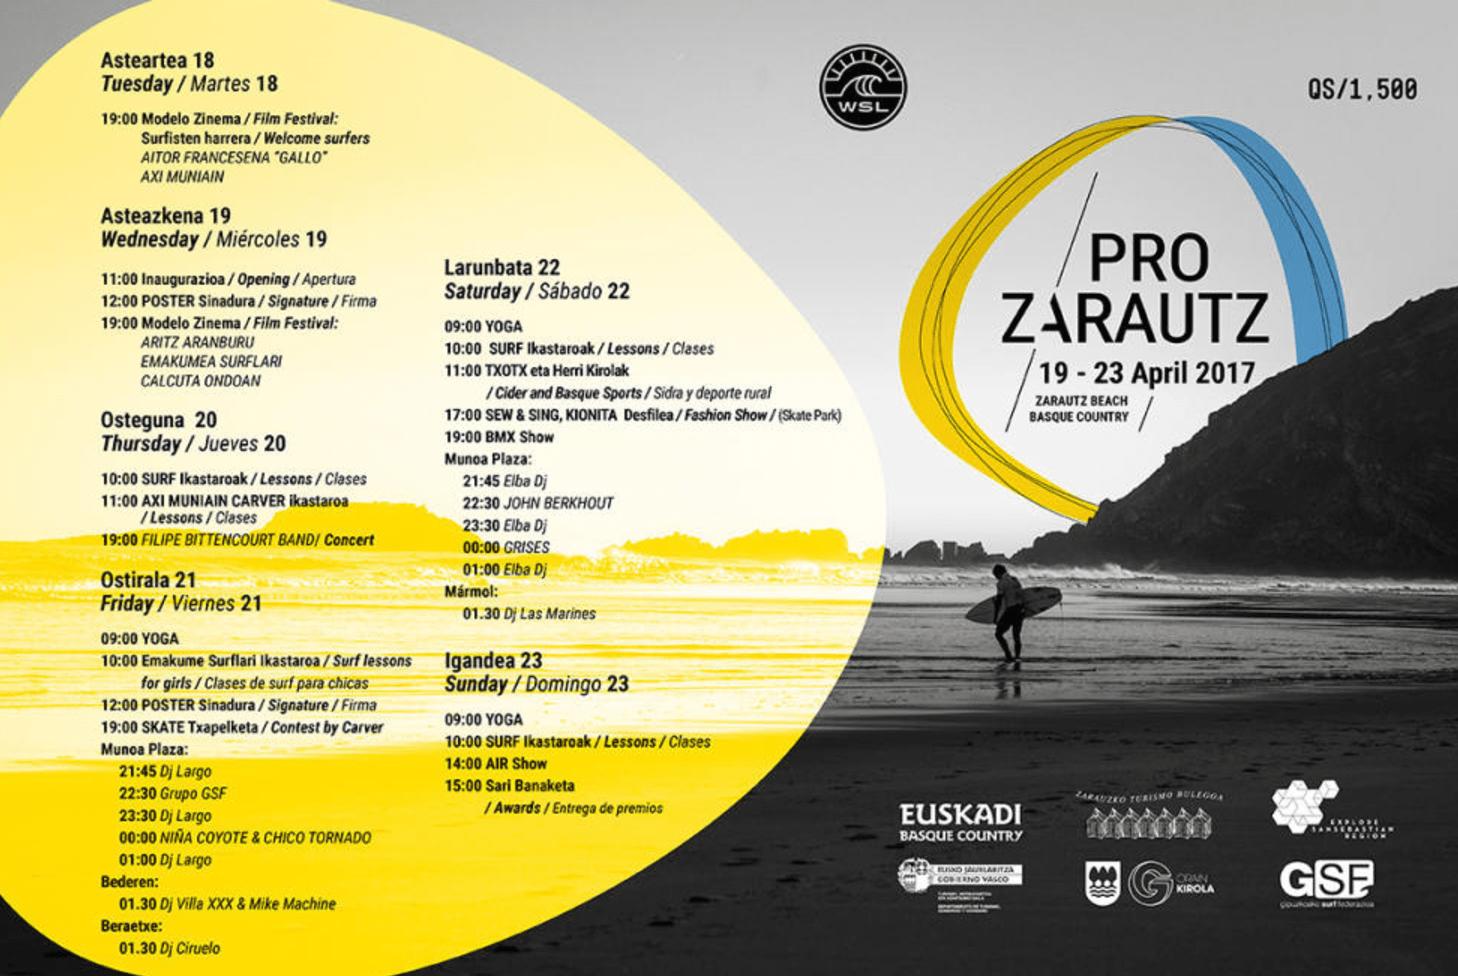 Pro Zarautz 2017